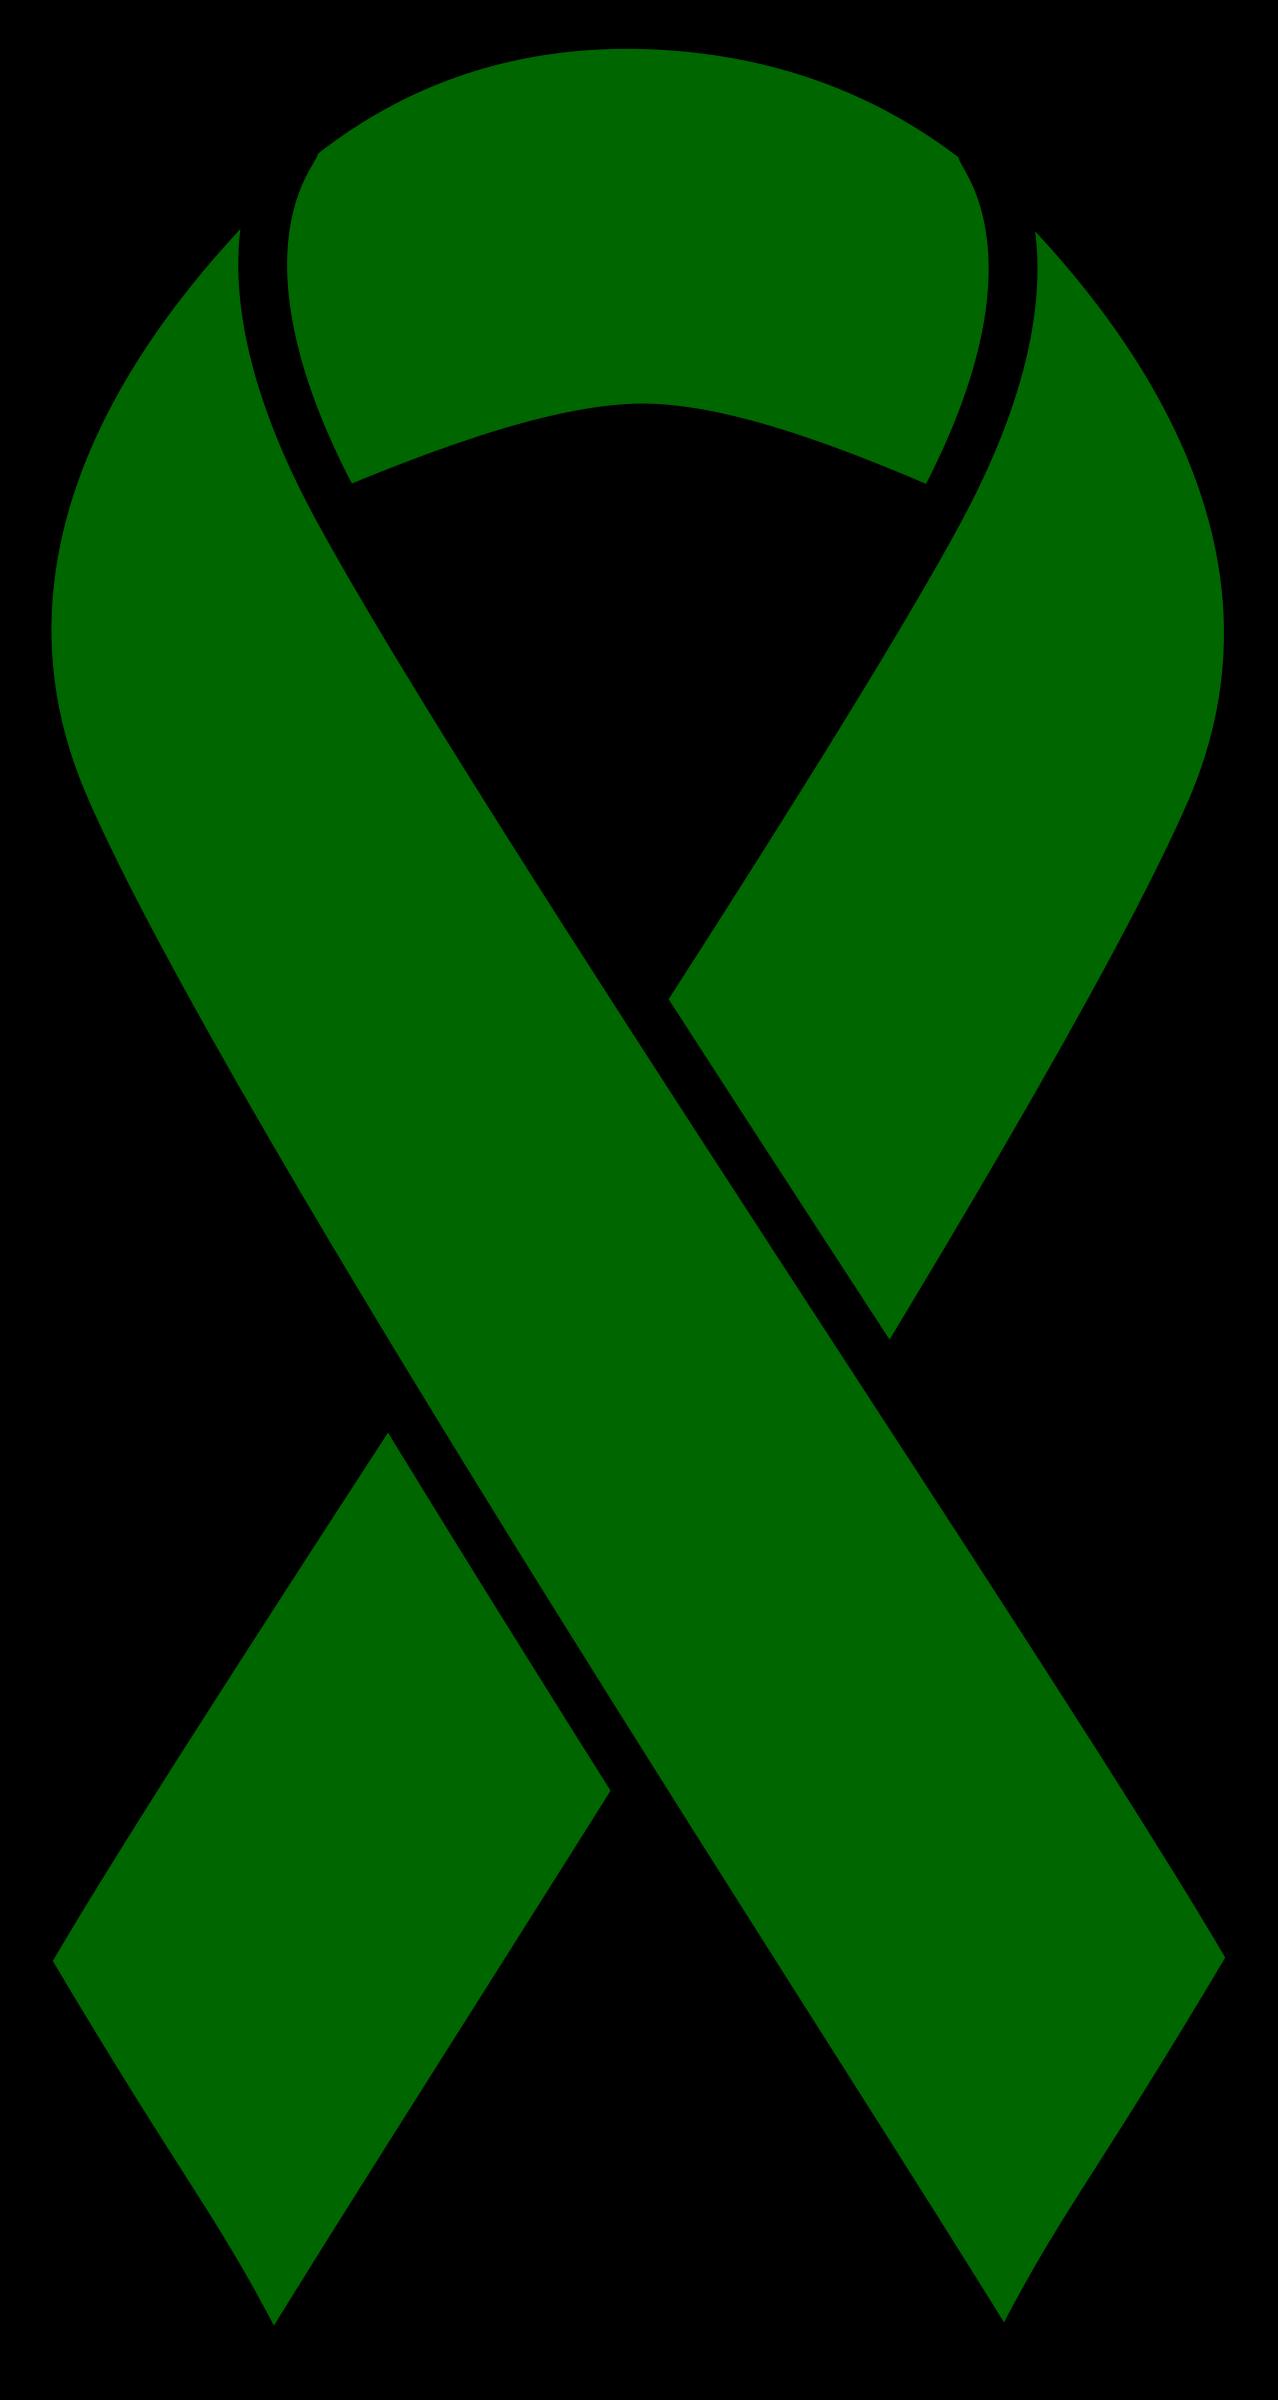 transparent download Emerald cancer ribbon big. Liver clipart